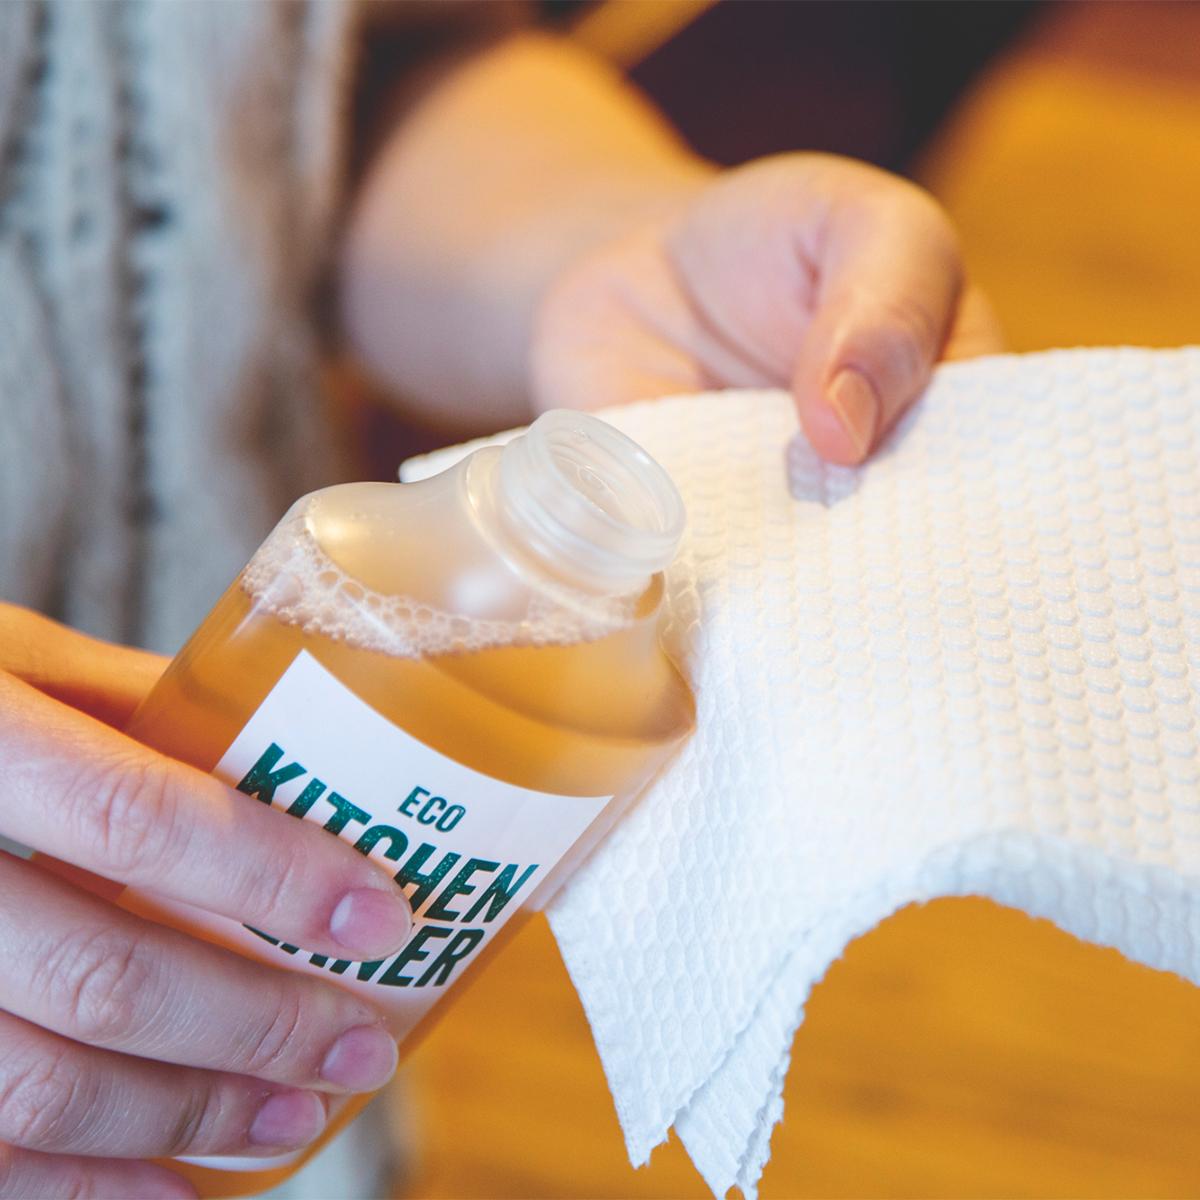 換気扇(レンジフード)やグリル、フライパンなど、こびりついた油汚れに。洗剤なのに、スプレーして拭くだけ!ヒバ精油配合で除菌・消臭もできる「エコキッチンクリーナー」|GREEN MOTION